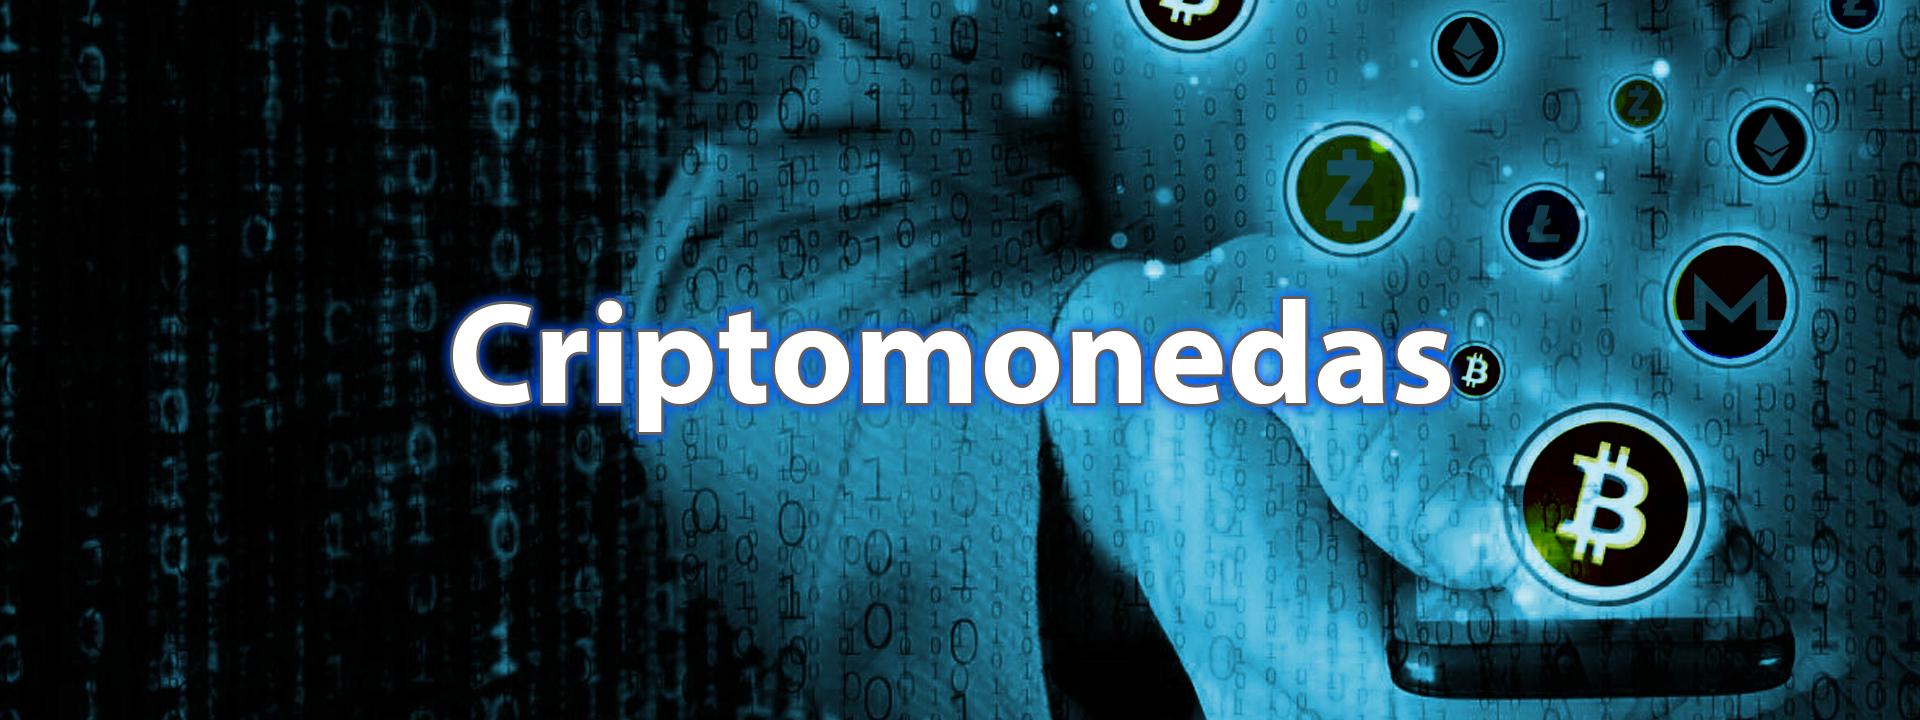 Criptomonedas-Exchange